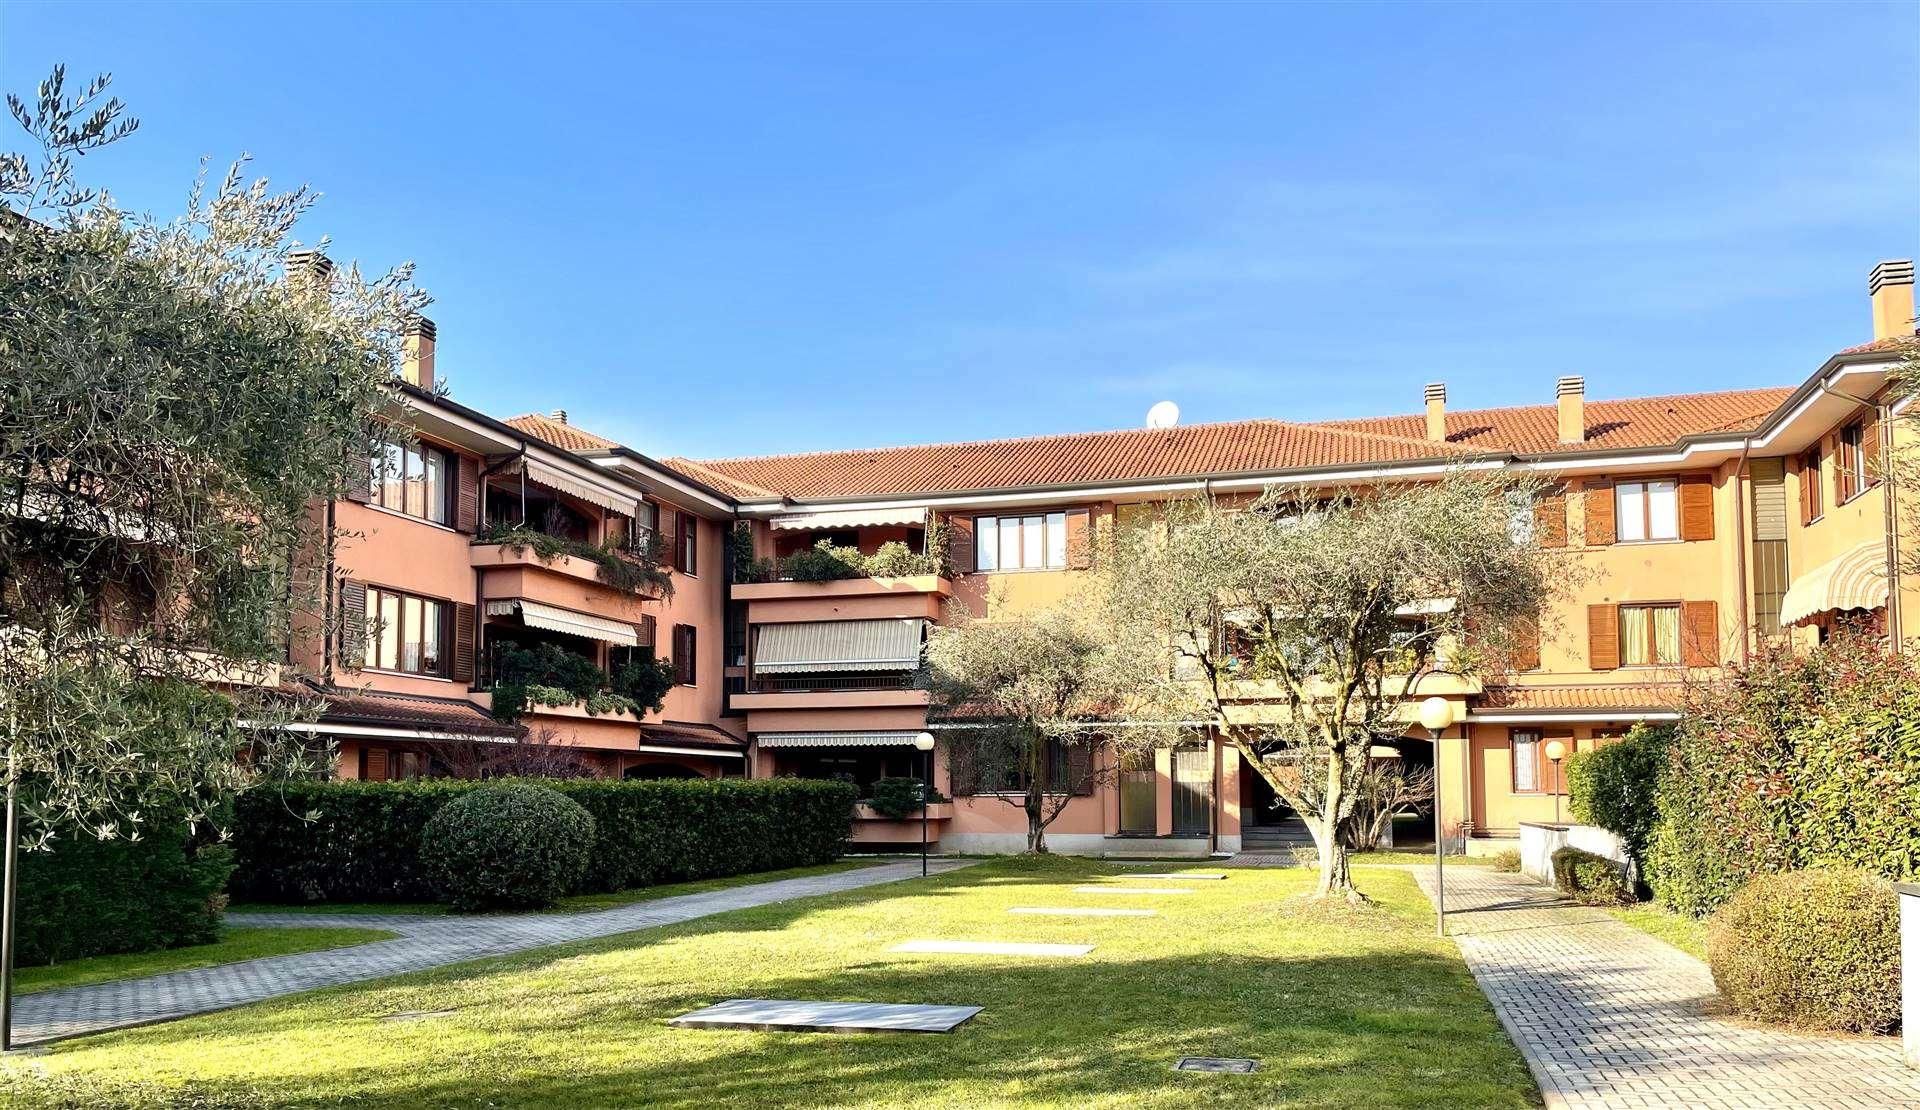 Appartamento in Vendita a Cambiago: 4 locali, 125 mq